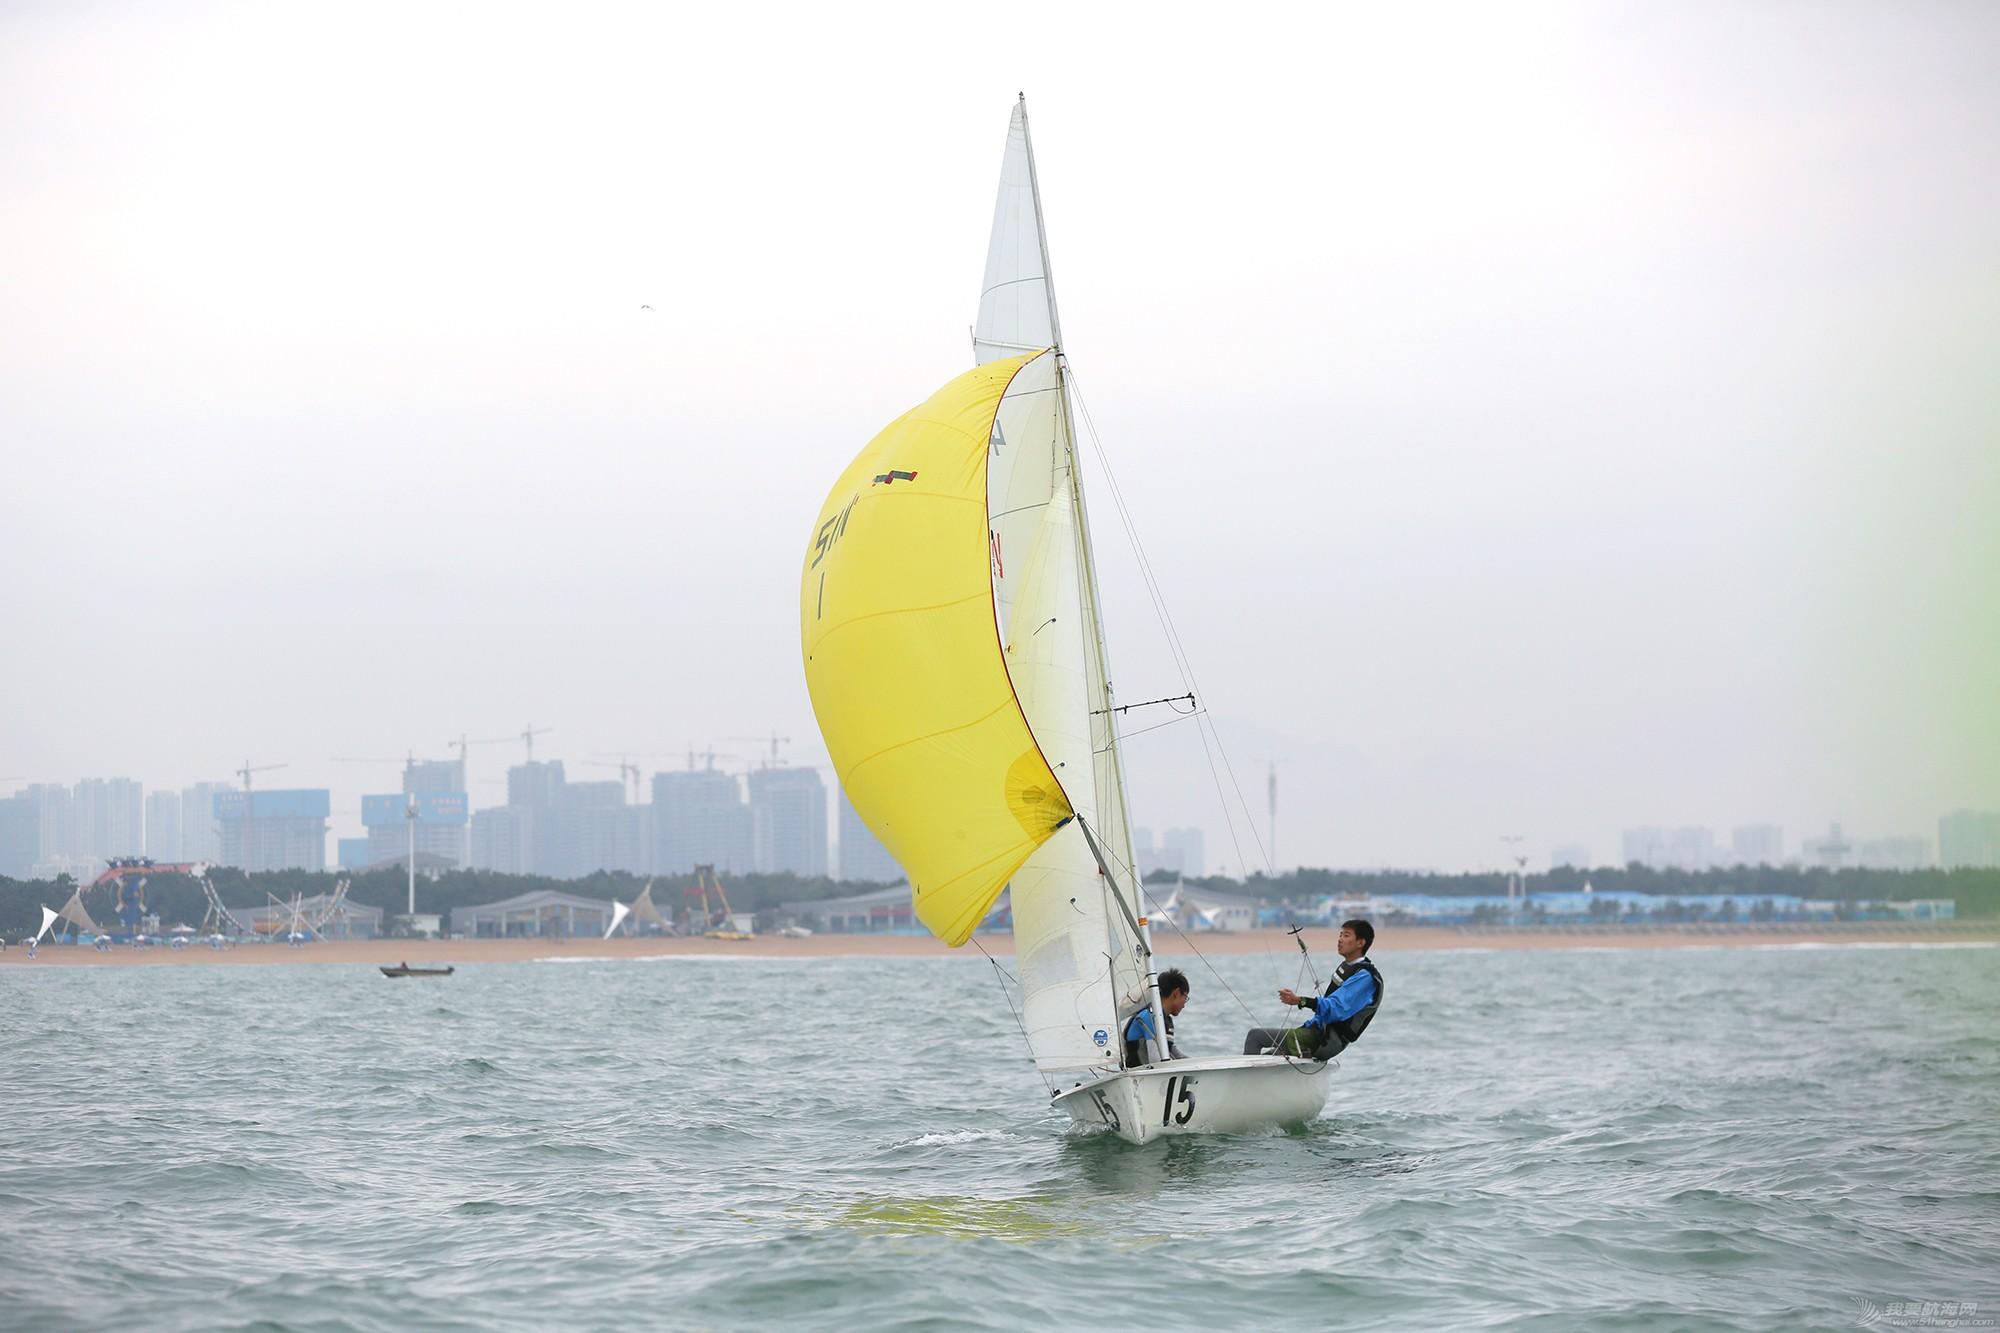 山东省,运动员,冠军赛,天气,帆板 风生水起,怎奈个个都是浪里白条——山东省帆船帆板冠军赛第二天赛况 5V8A3004副本.jpg